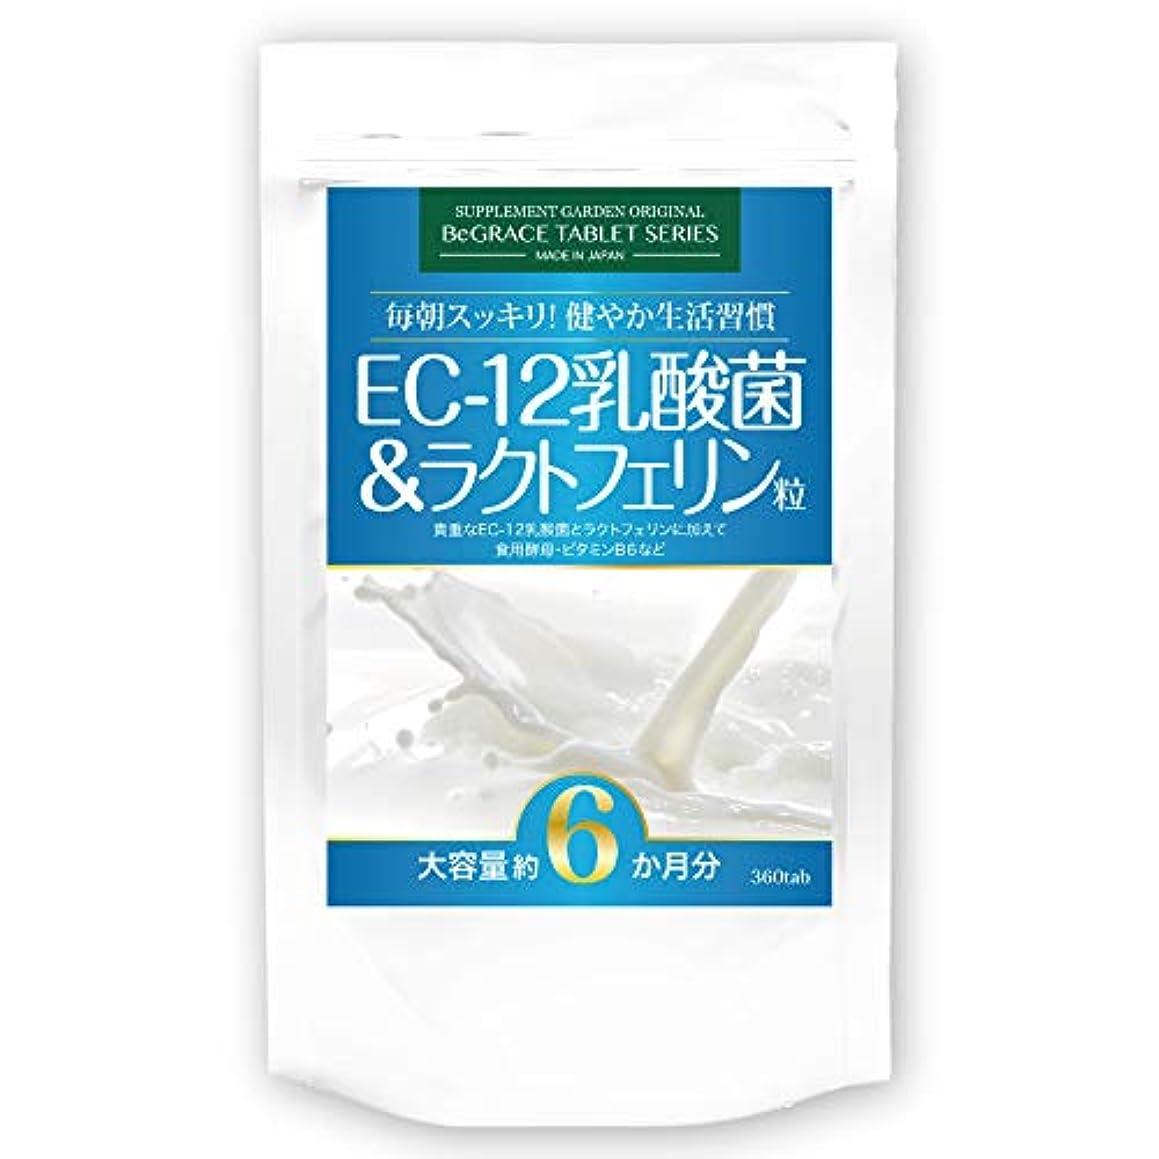 戦略安心させるスローガンEC-12乳酸菌&ラクトフェリン粒 大容量約6ヶ月分/360粒(EC-12乳酸菌、ラクトフェリン、ビール酵母、ホエイプロテイン、ビタミンB6)